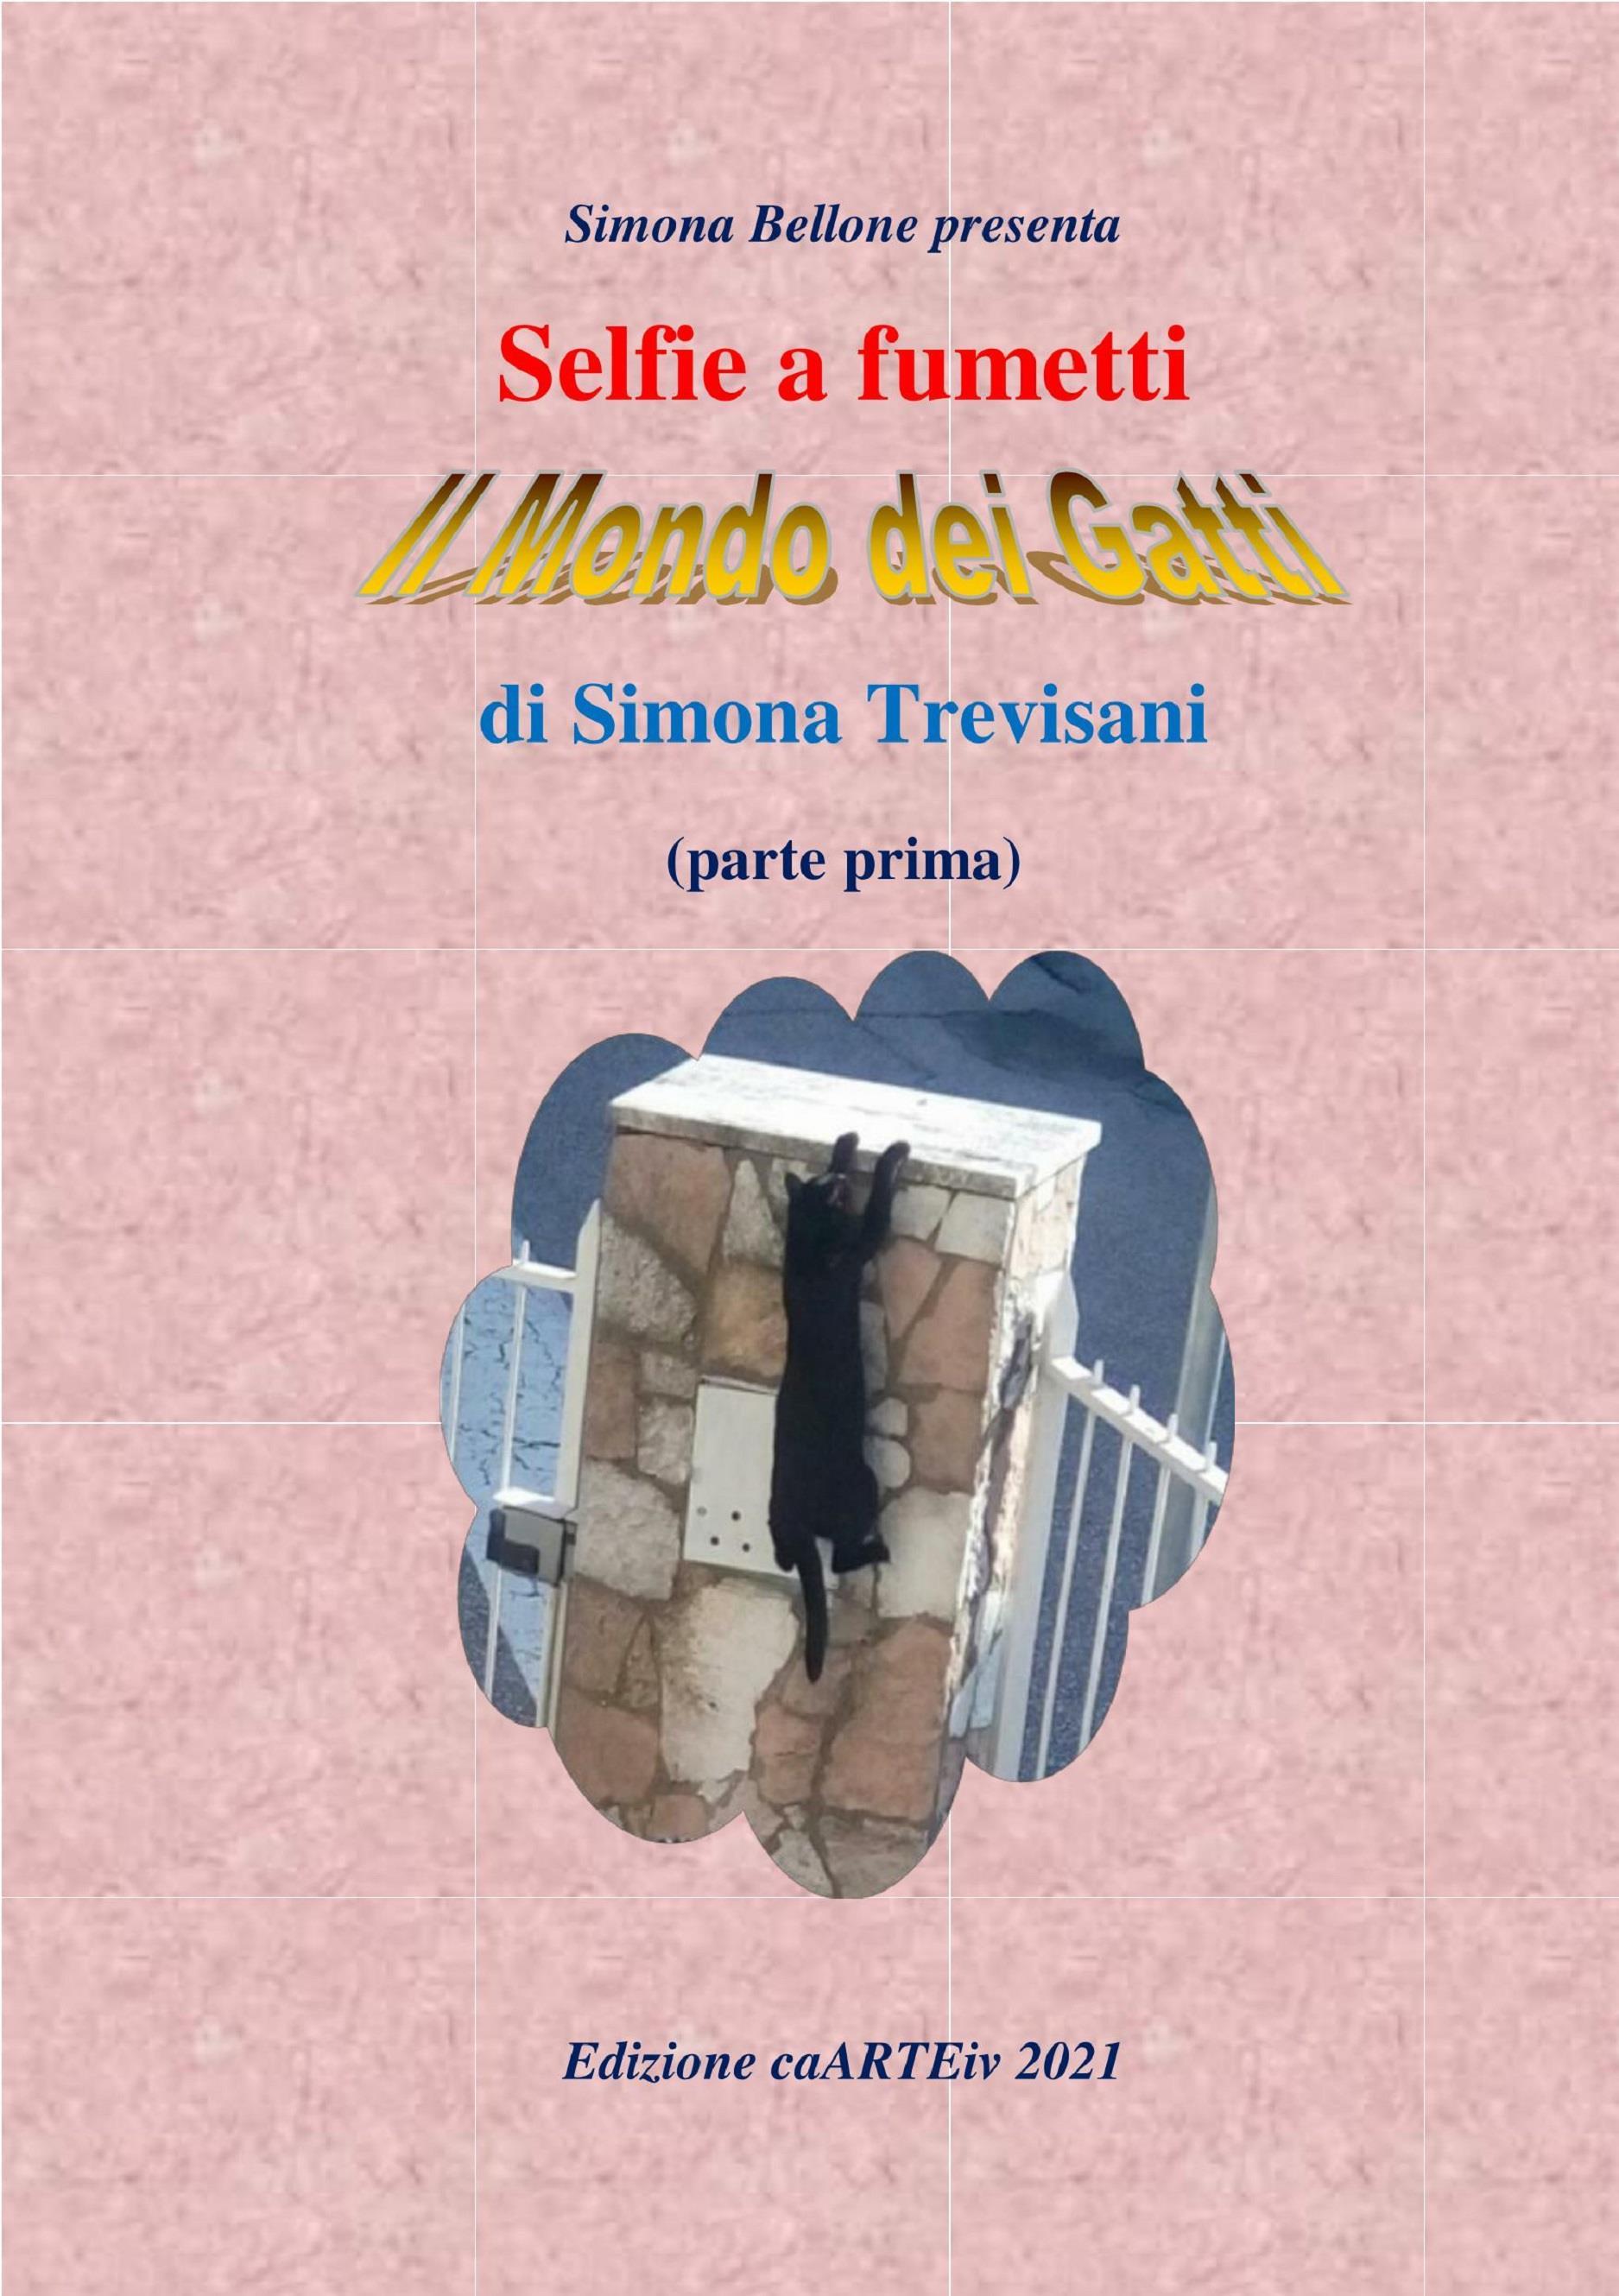 Selfie a fumetti. Il mondo dei gatti (parte prima) di Simona Trevisani